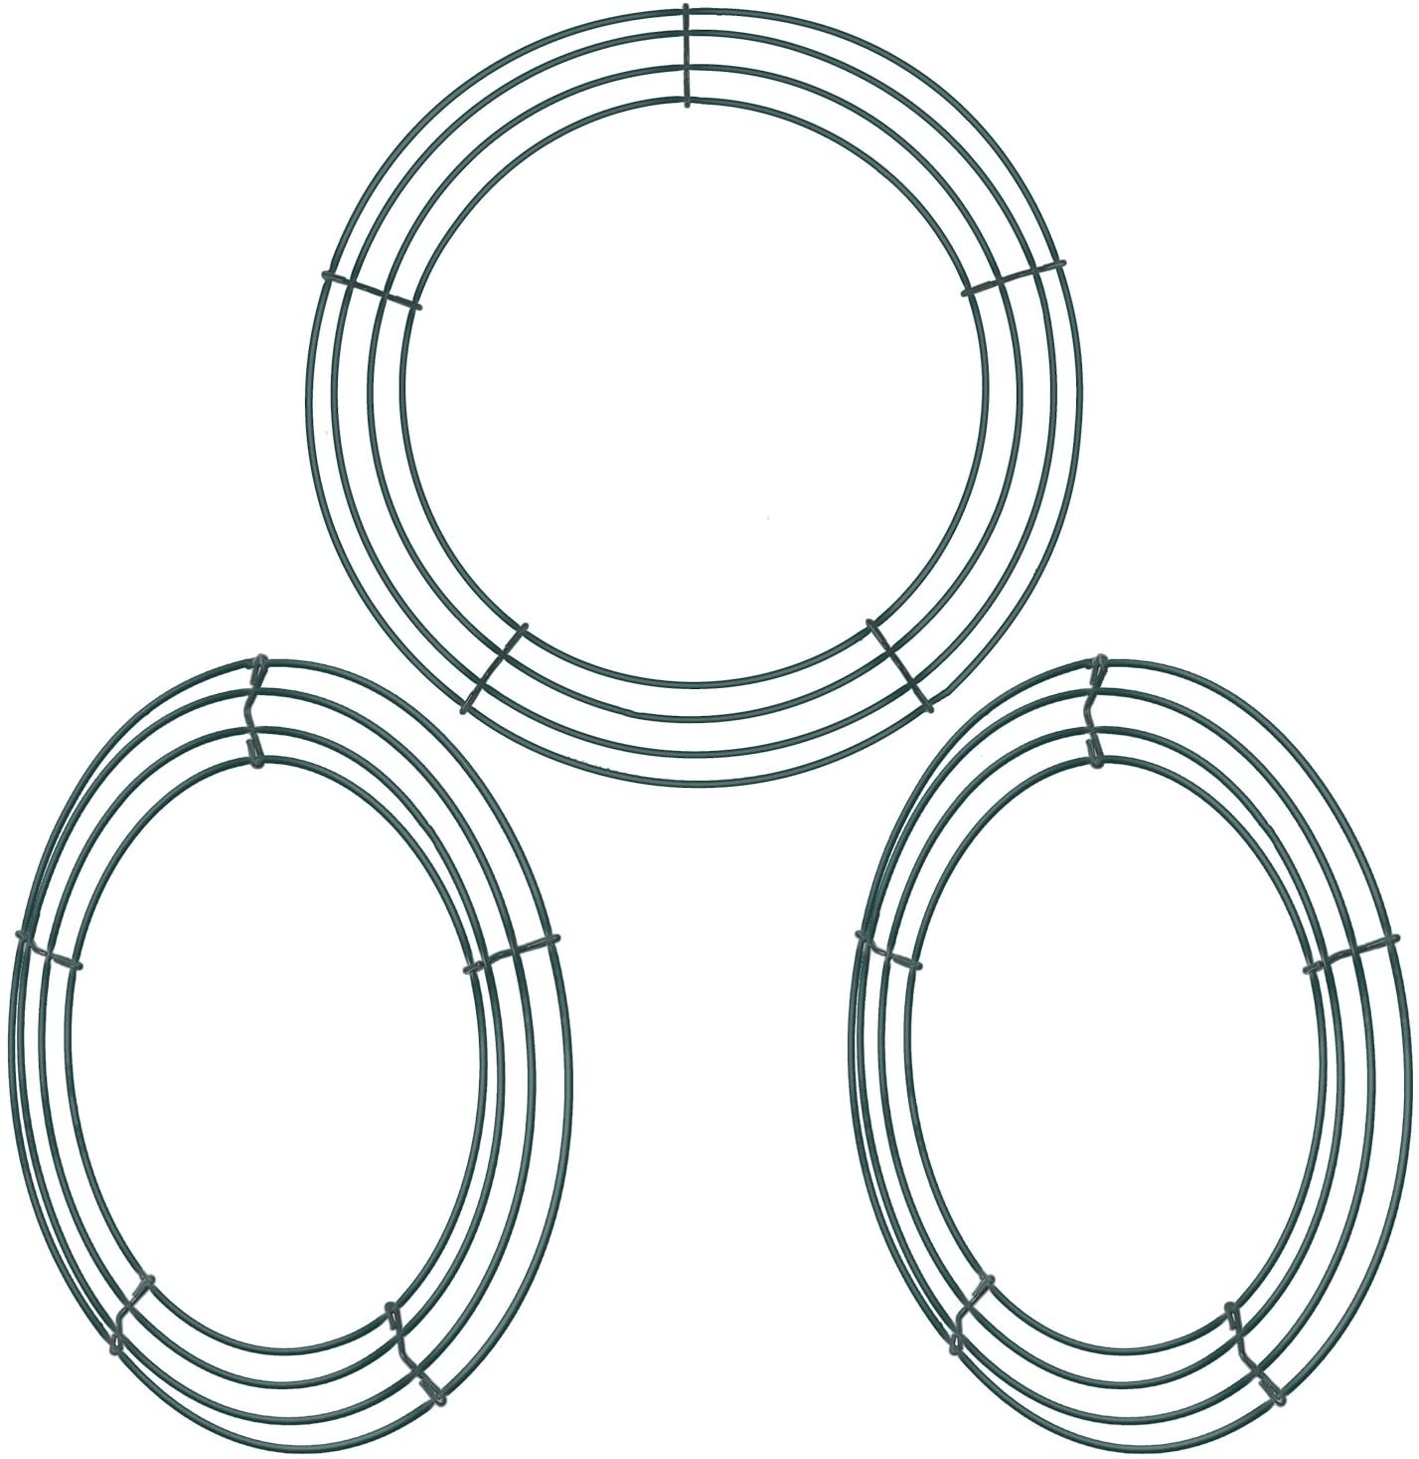 Elcoho Confezione da 2 anelli in filo metallico a forma di corona con filo verde per fiori e decorazioni per la casa e le feste